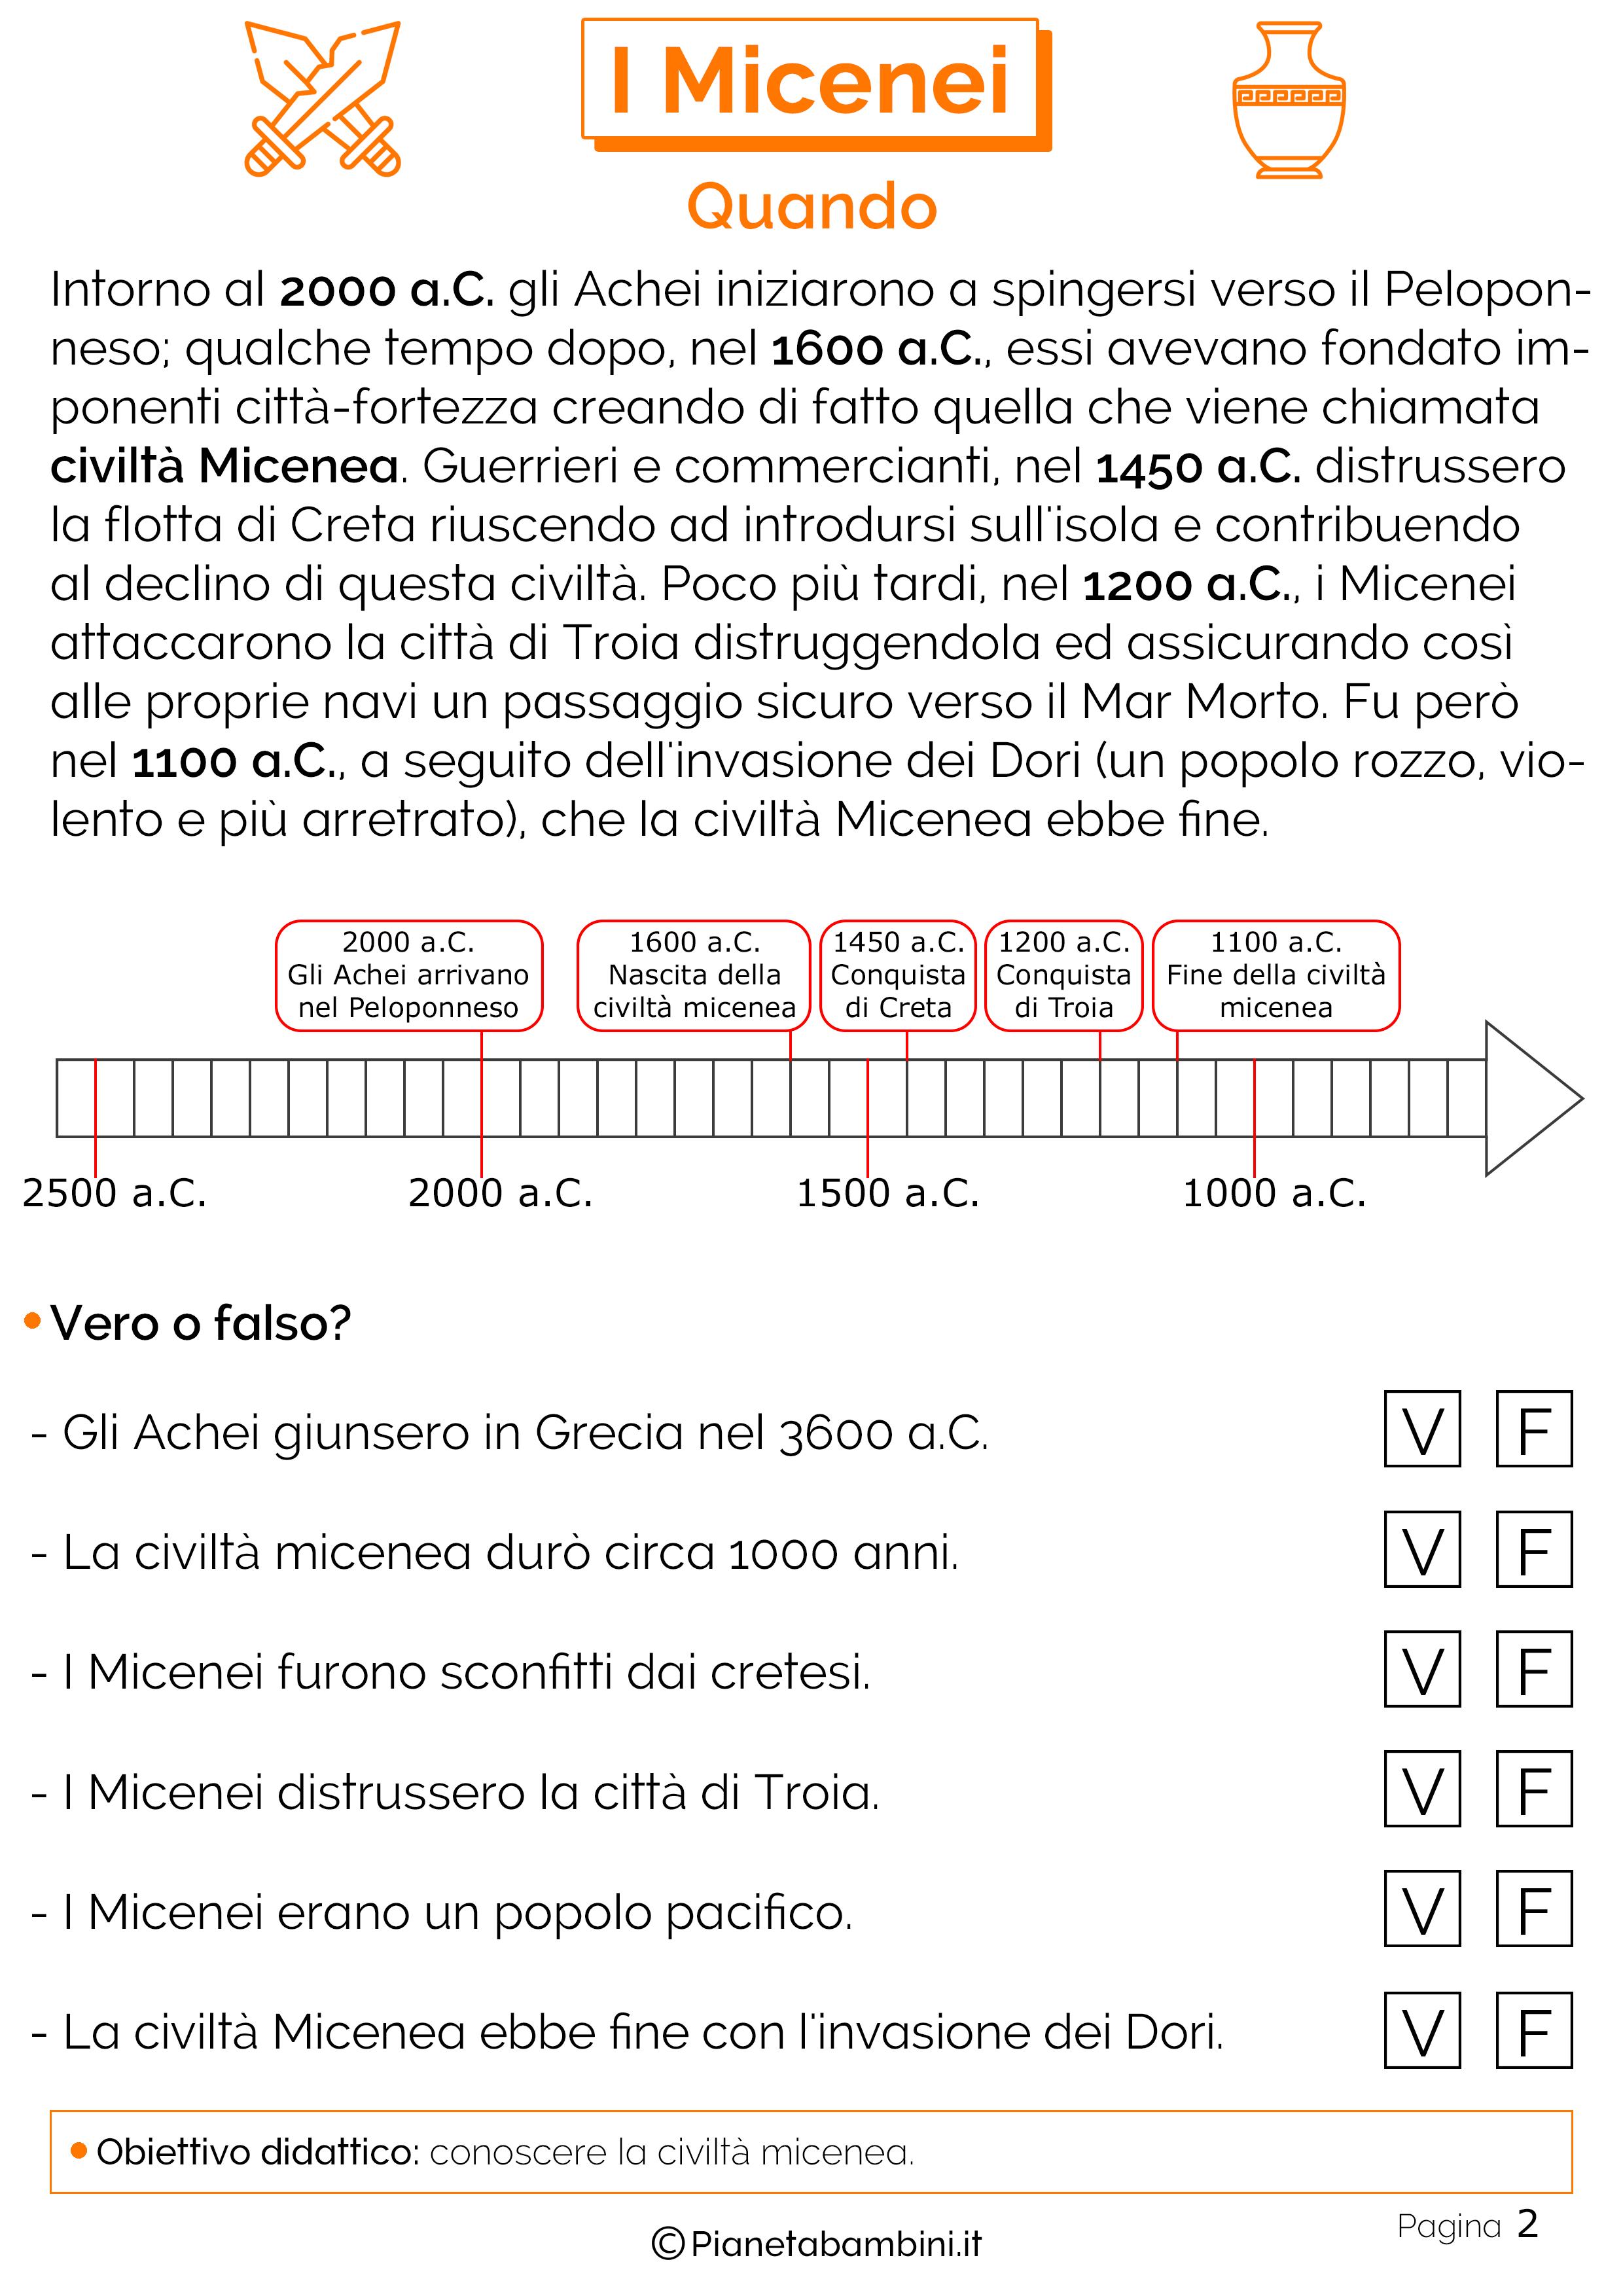 Linea del tempo della civiltà micenea